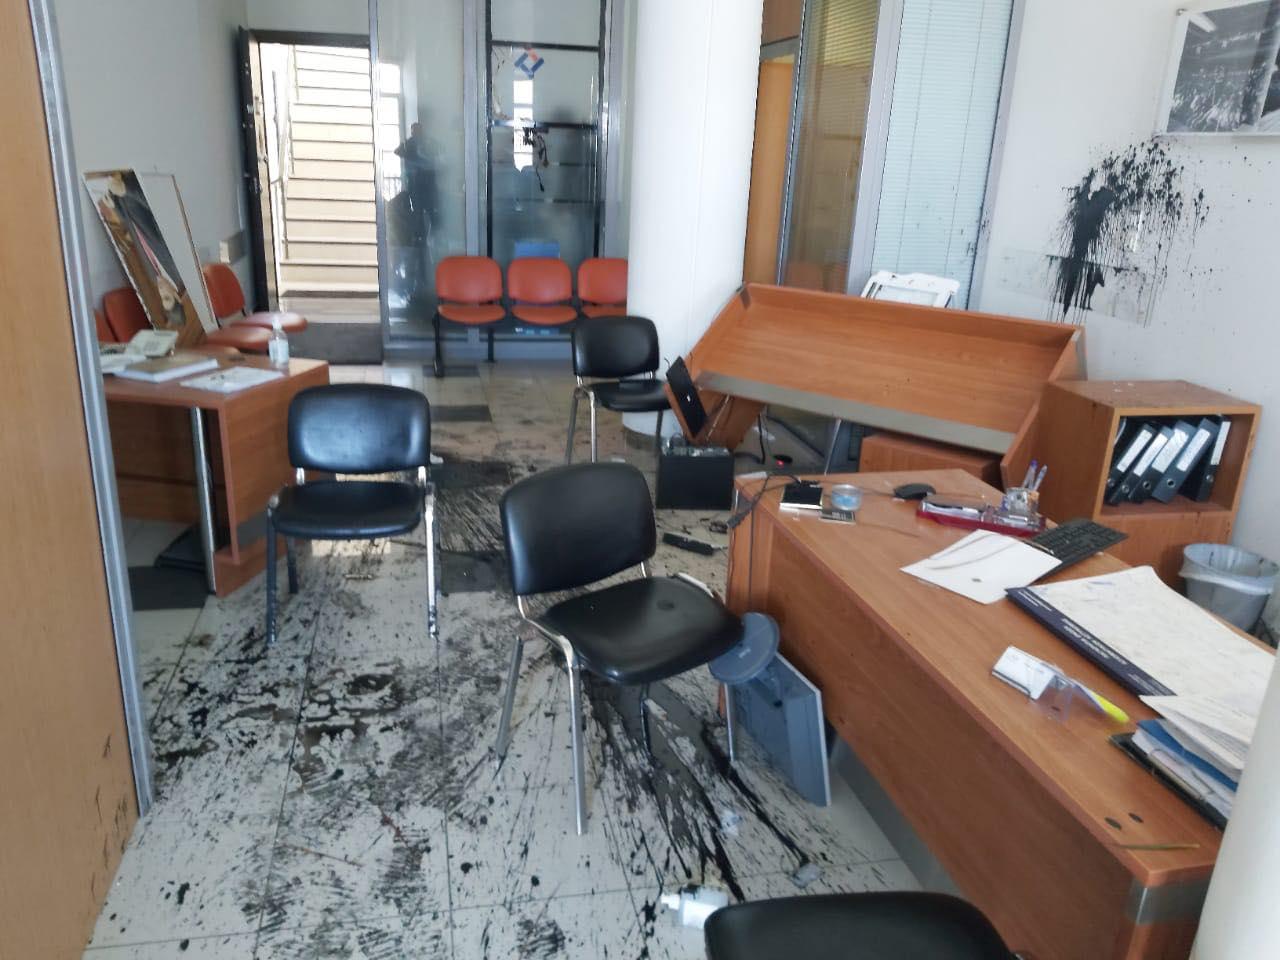 Επίθεση στο πολιτικό του γραφείο στο Ηράκλειο της Κρήτης, δέχθηκε ο Λευτέρης Αυγενάκης, όπως γνωστοποίησε ο ίδιος ο Υφυπουργός Αθλητισμού.